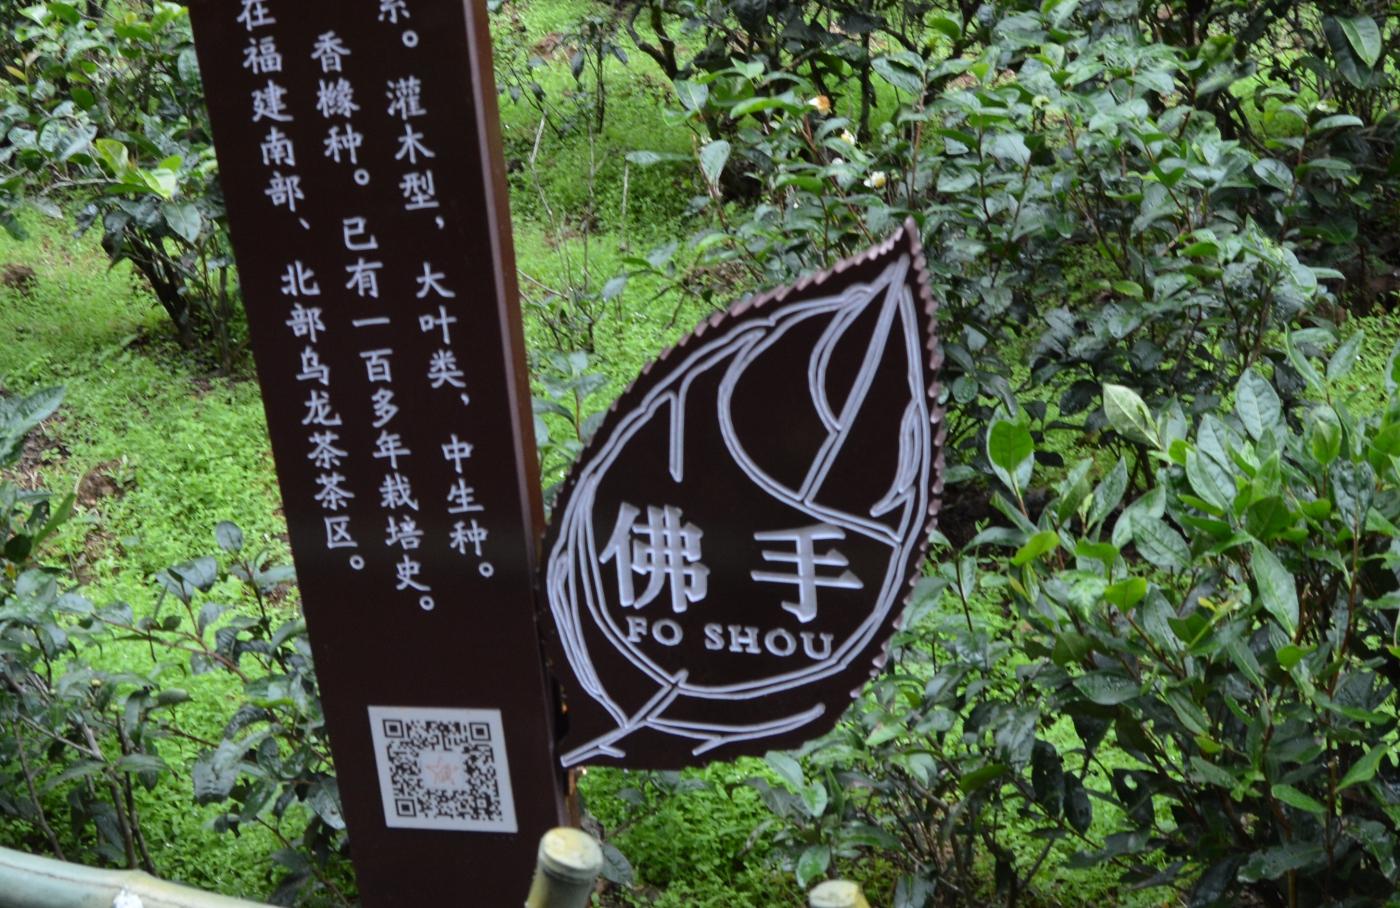 武夷山—那山、那水、那茶香_图1-30